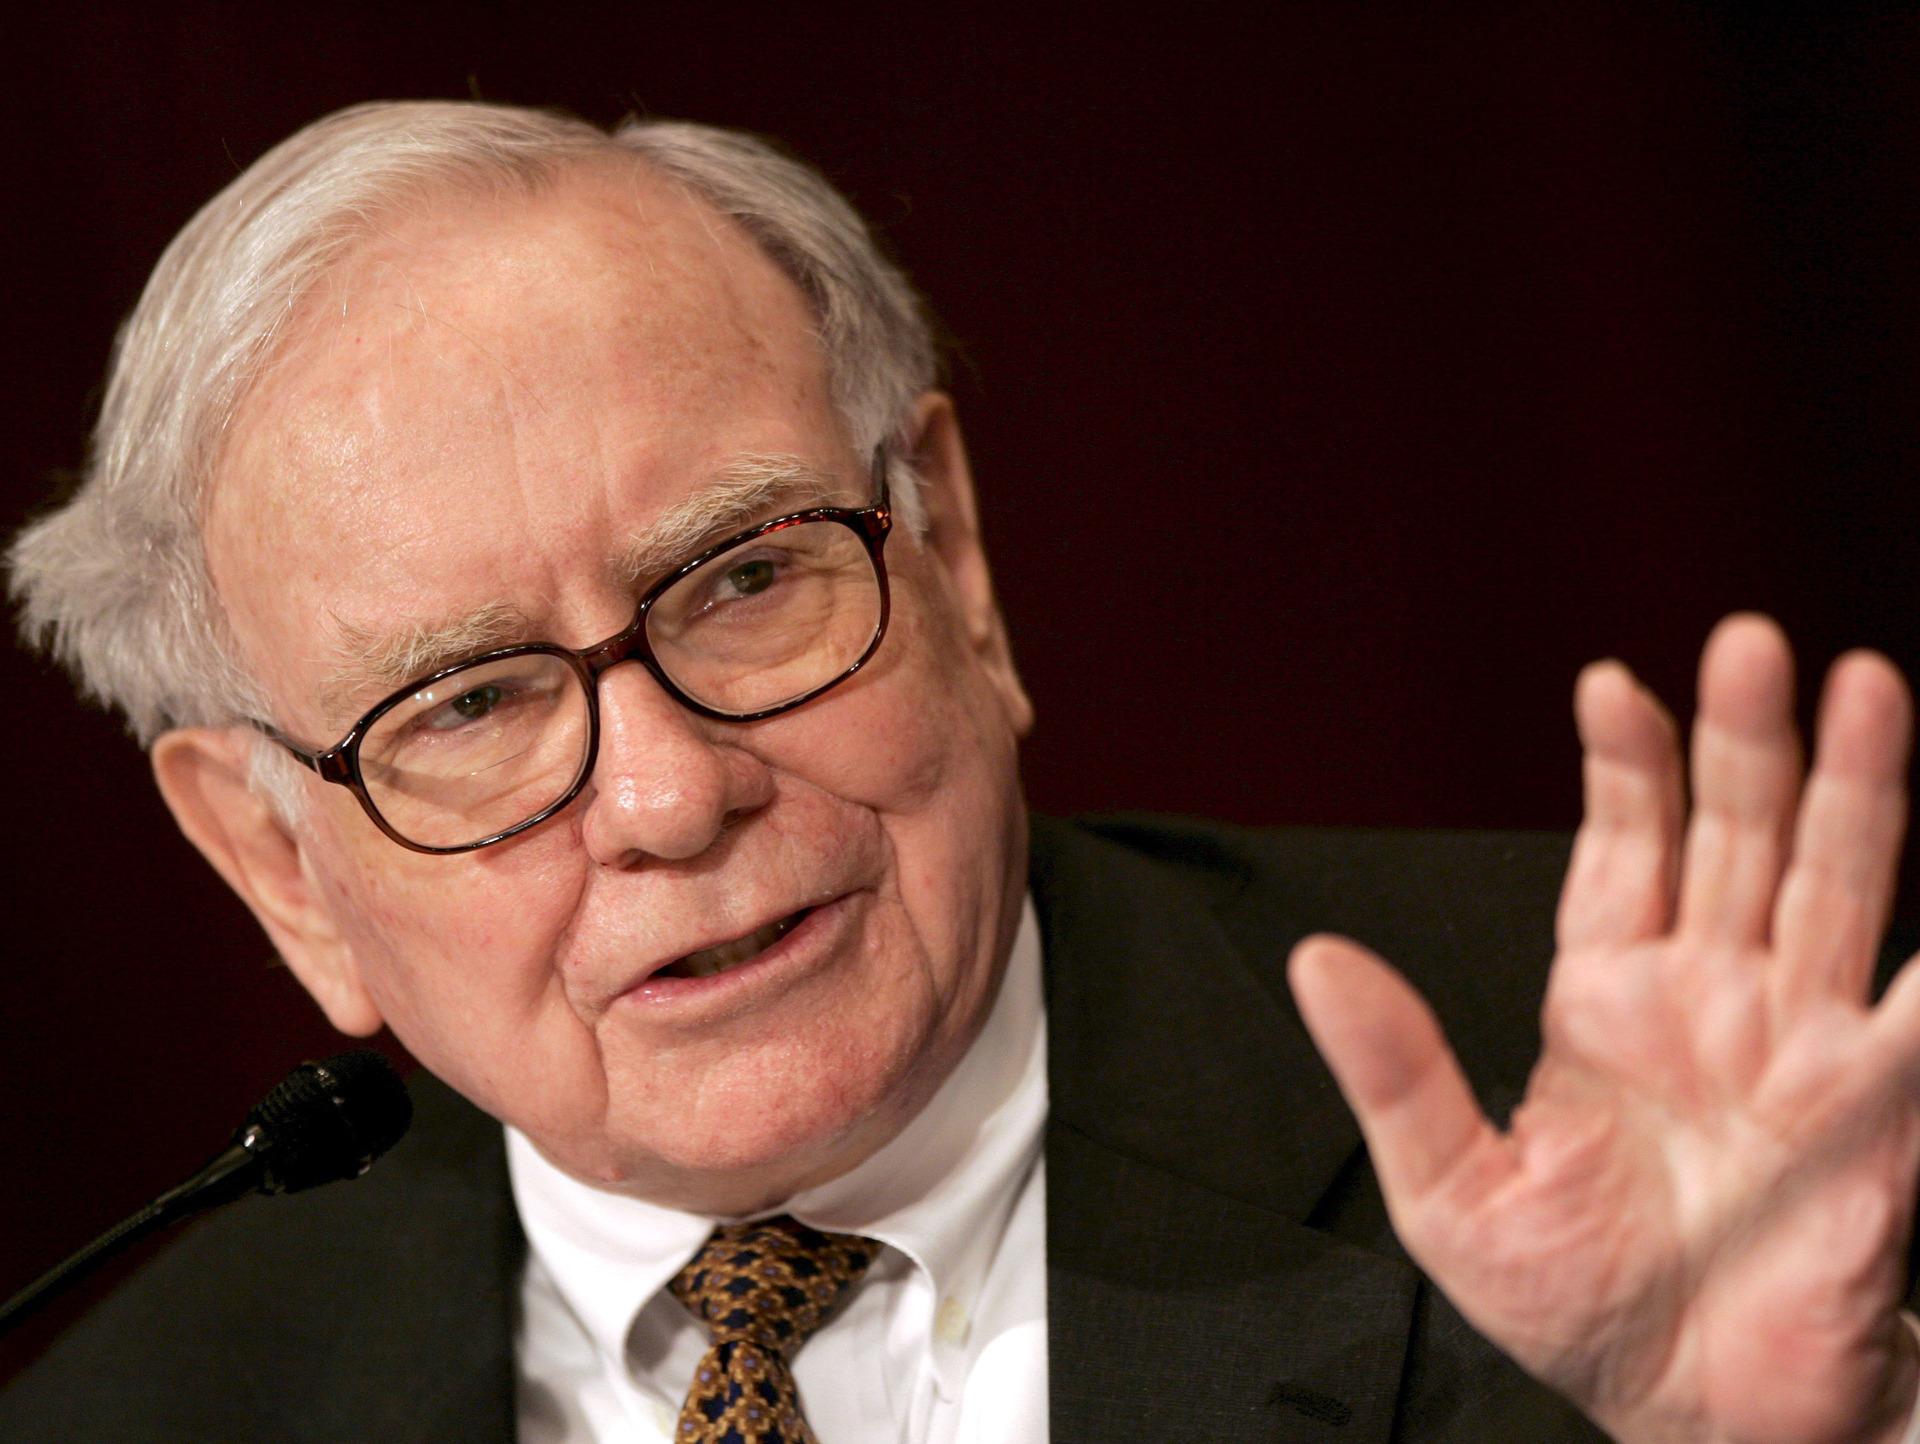 Life advice from Warren Buffett imposter goes viral